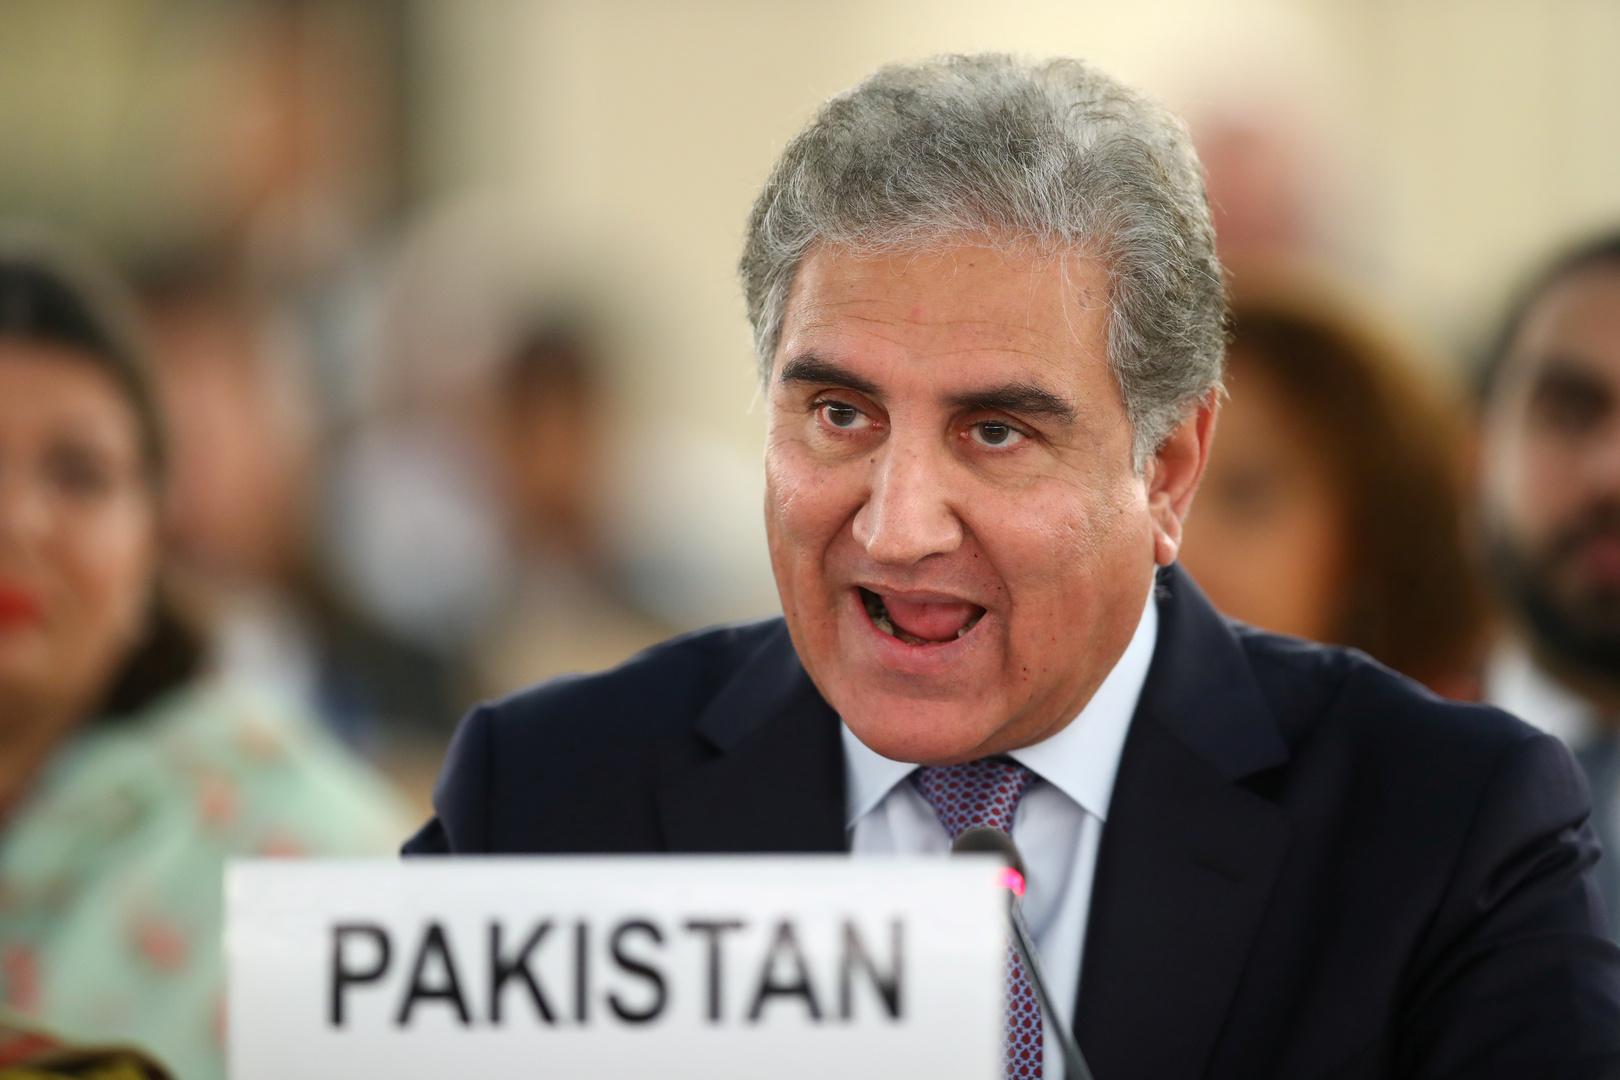 وزير خارجية باكستان إلى طهران والرياض وواشنطن بغية تخفيف التوتر